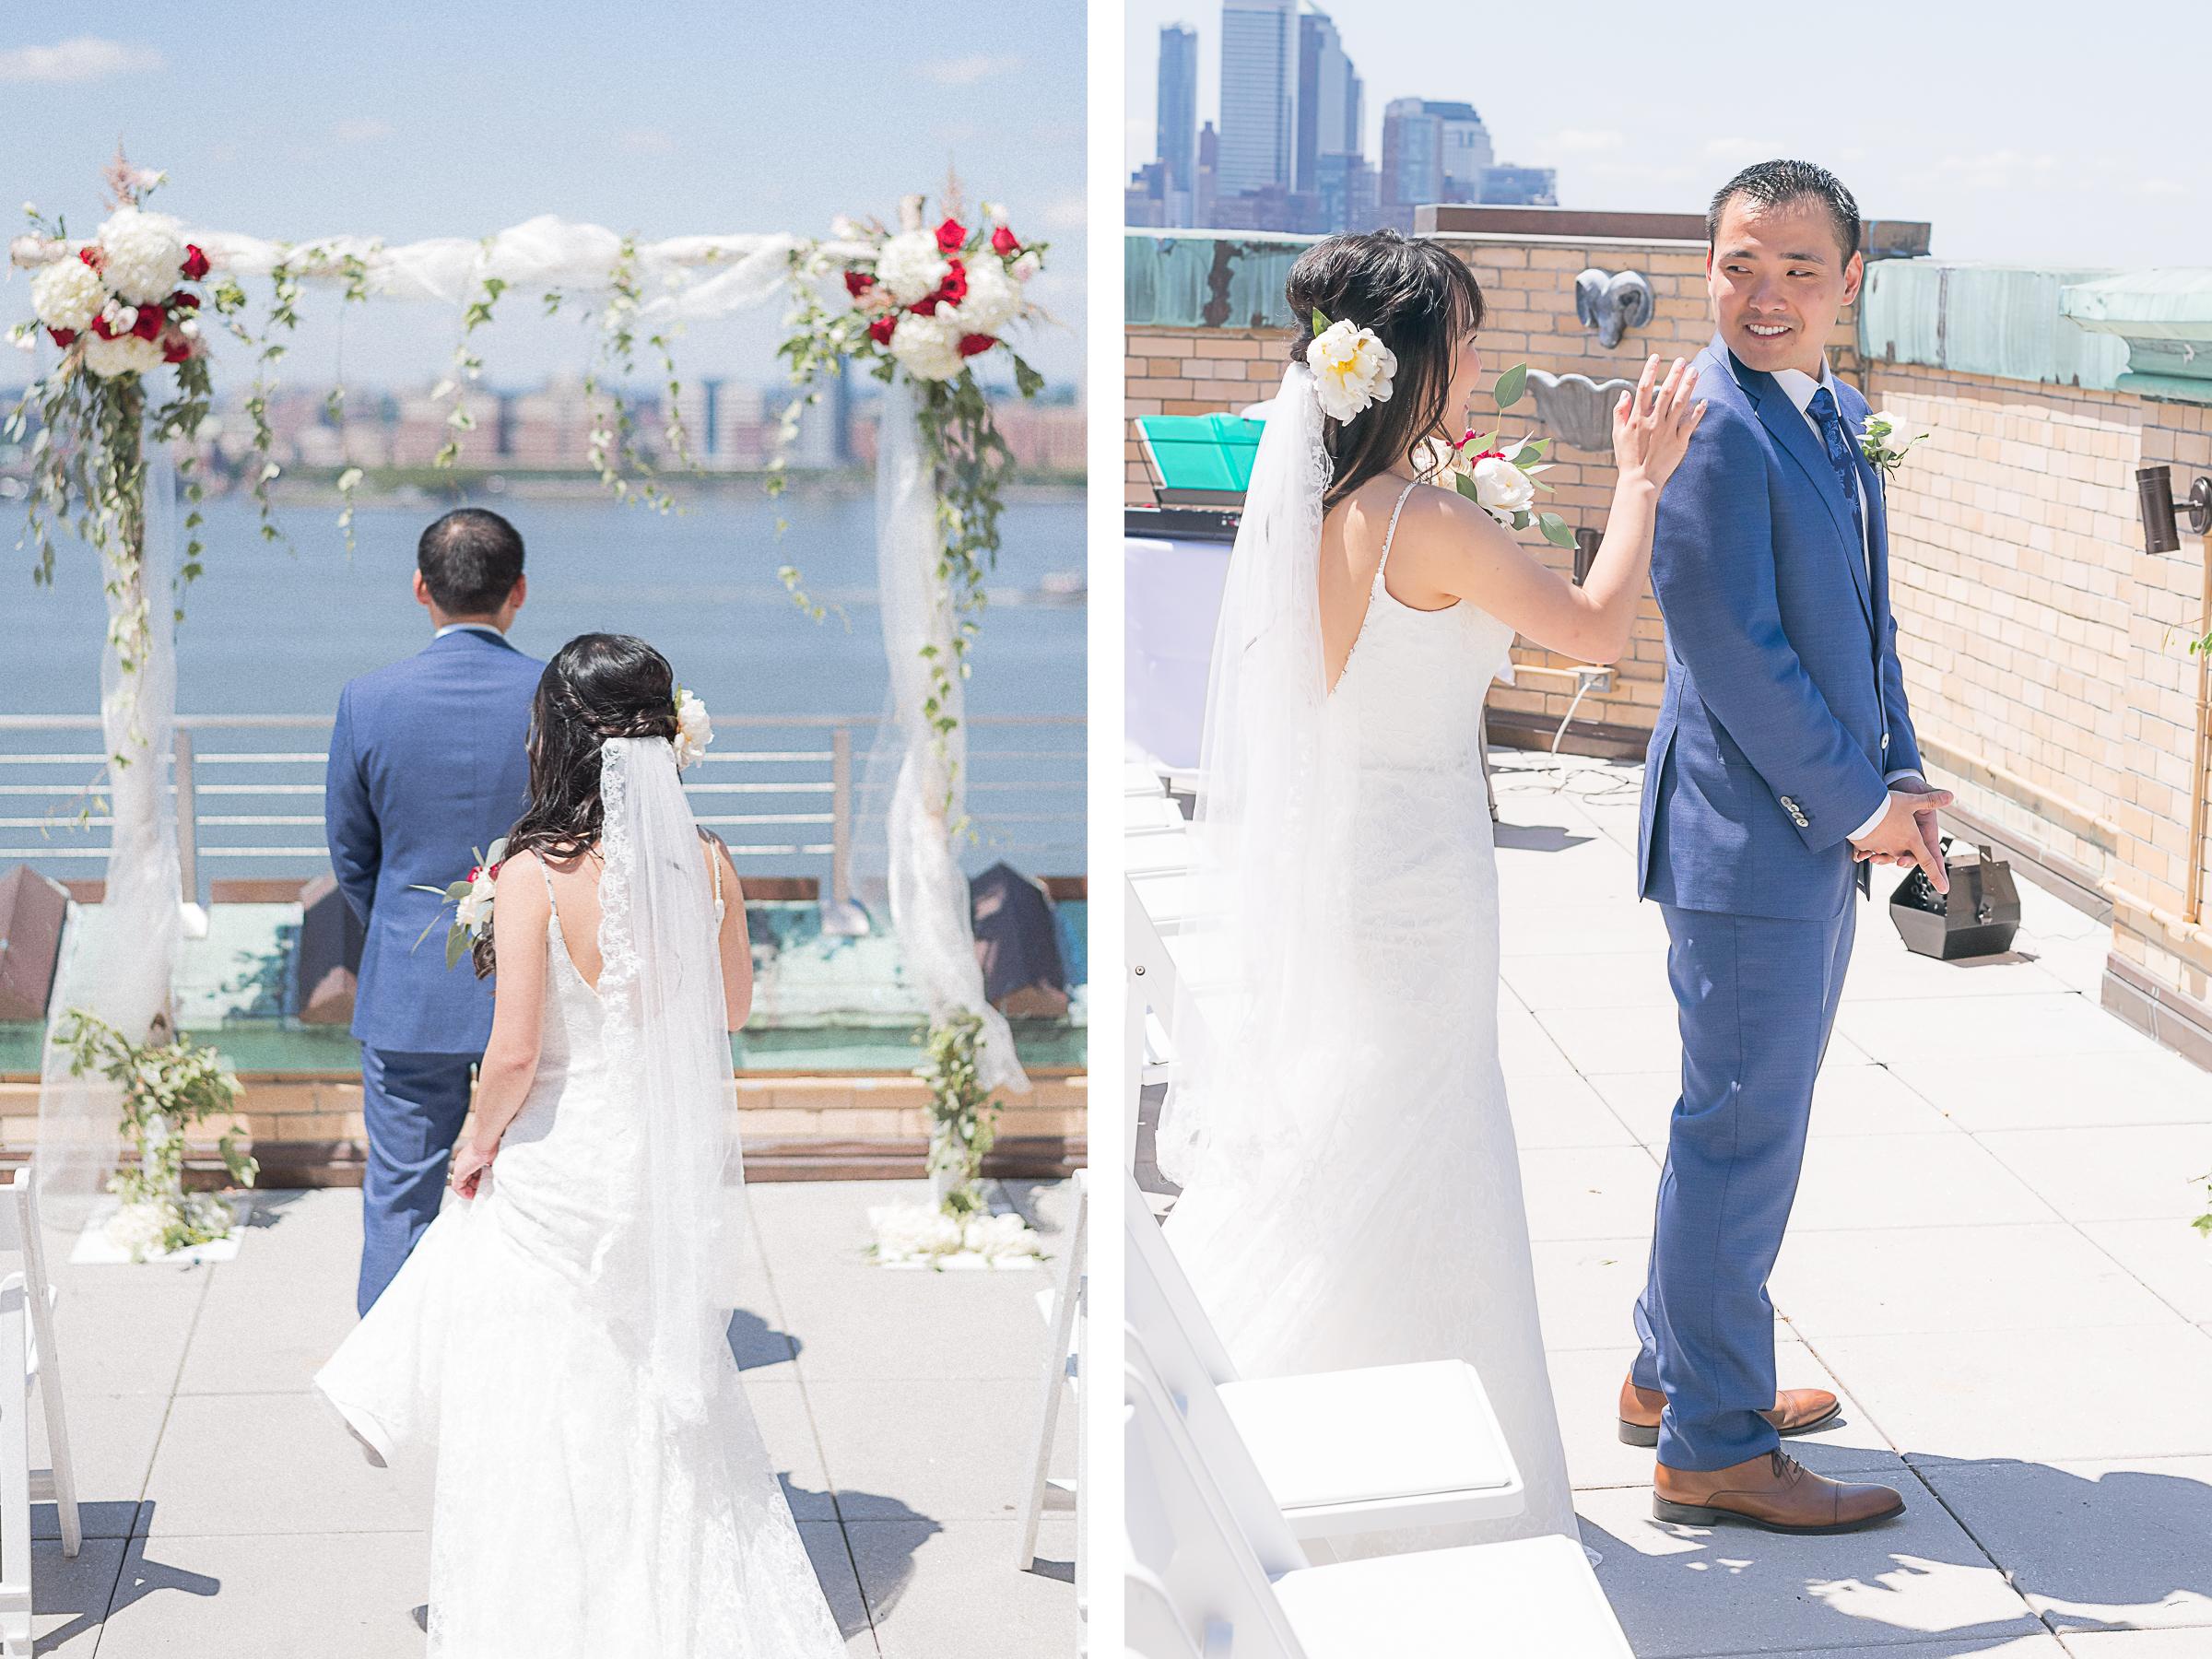 NYC-Ramscale-Wedding-Bride-Groom-First-Look.jpg